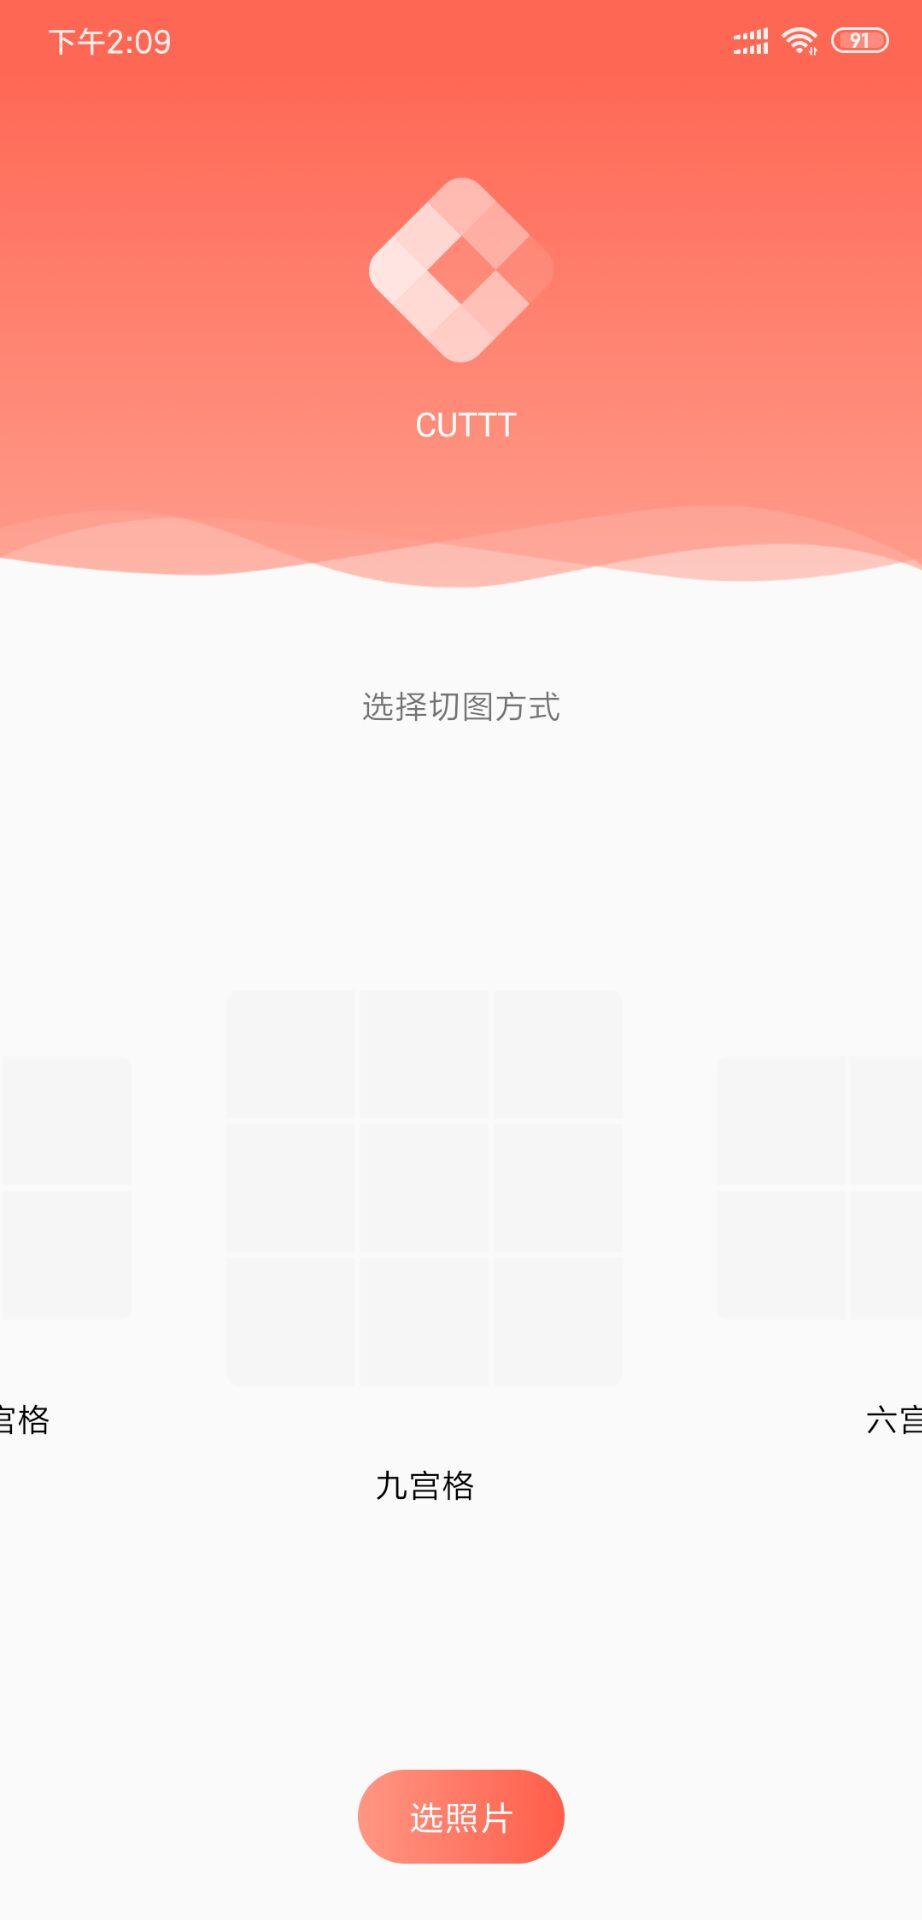 【资源分享】CUTTT-宫格藏图-爱小助